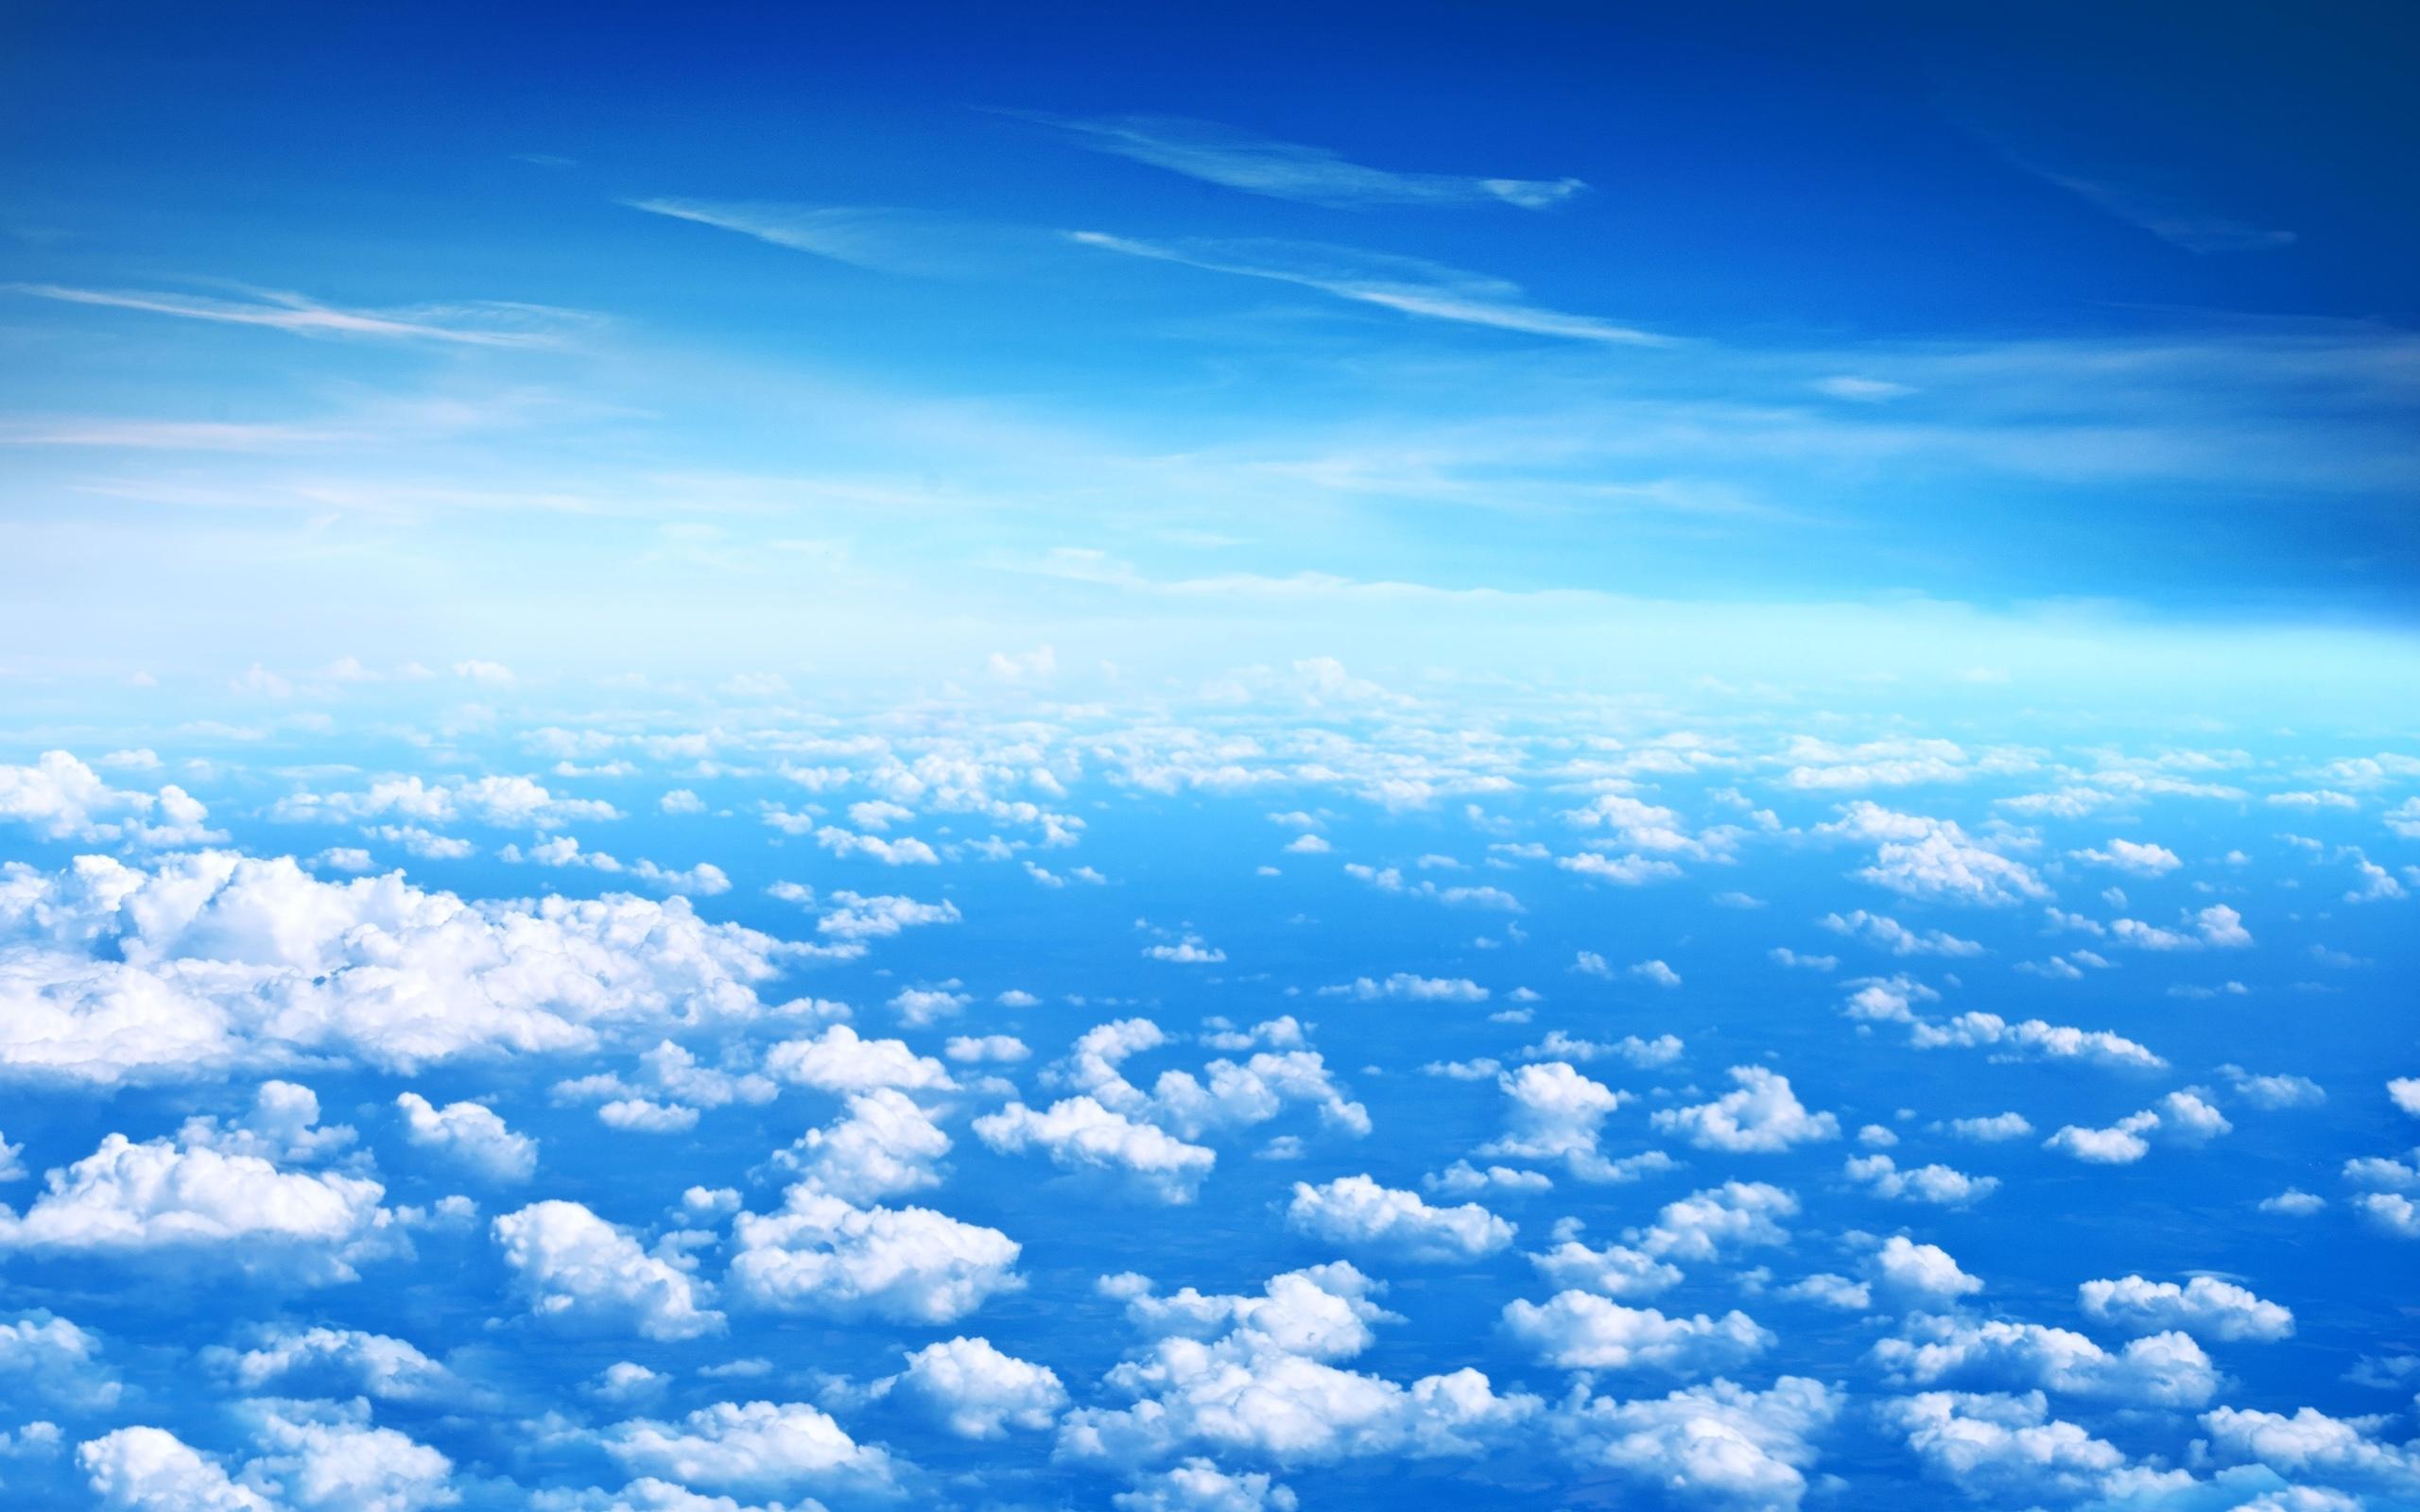 Blauer Himmel Wallpaper Schöne Wolken Blauer Himmel